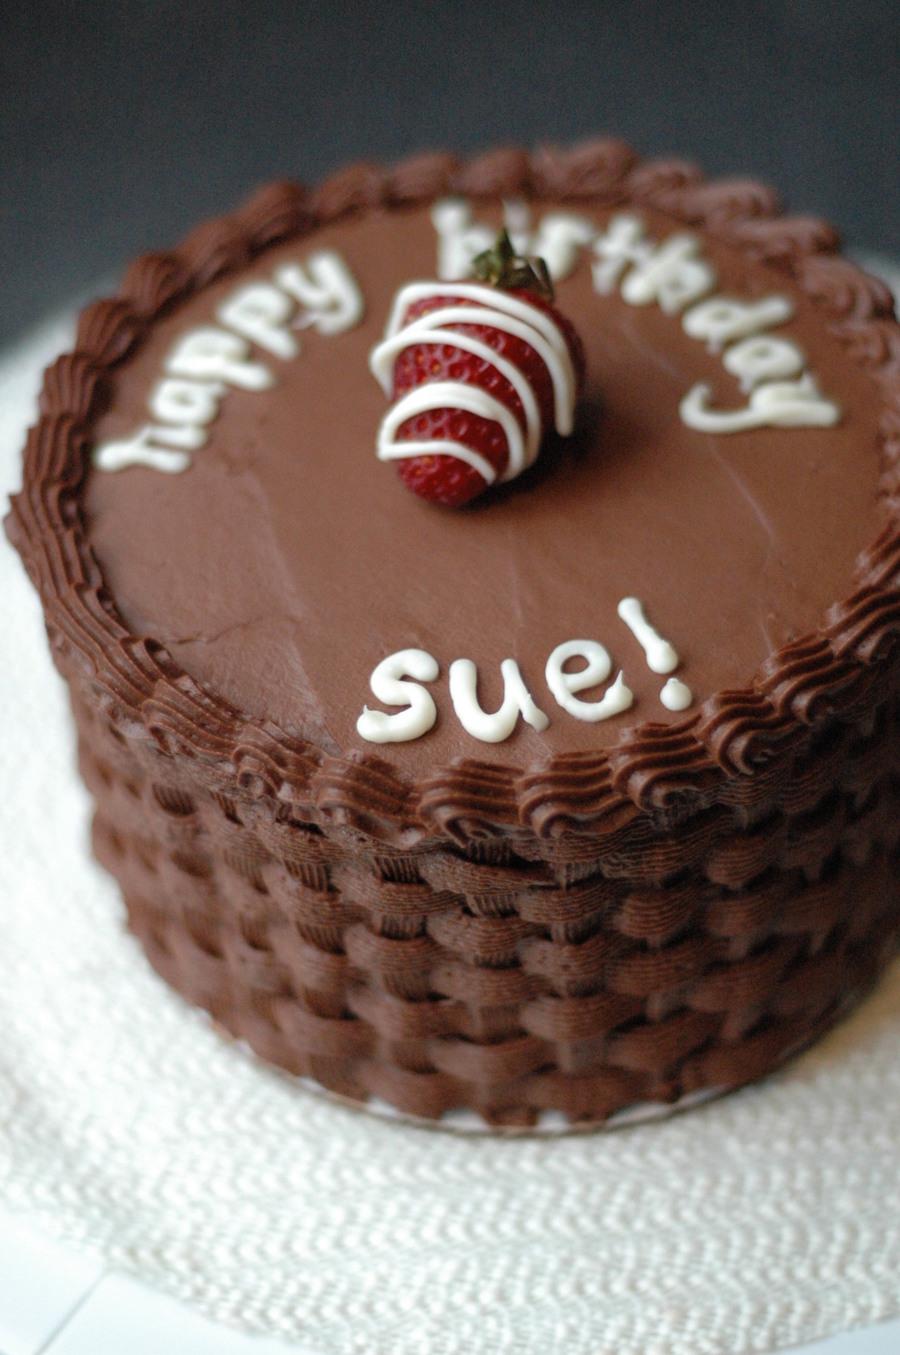 Boston Cream Pie Inspired Birthday Cake